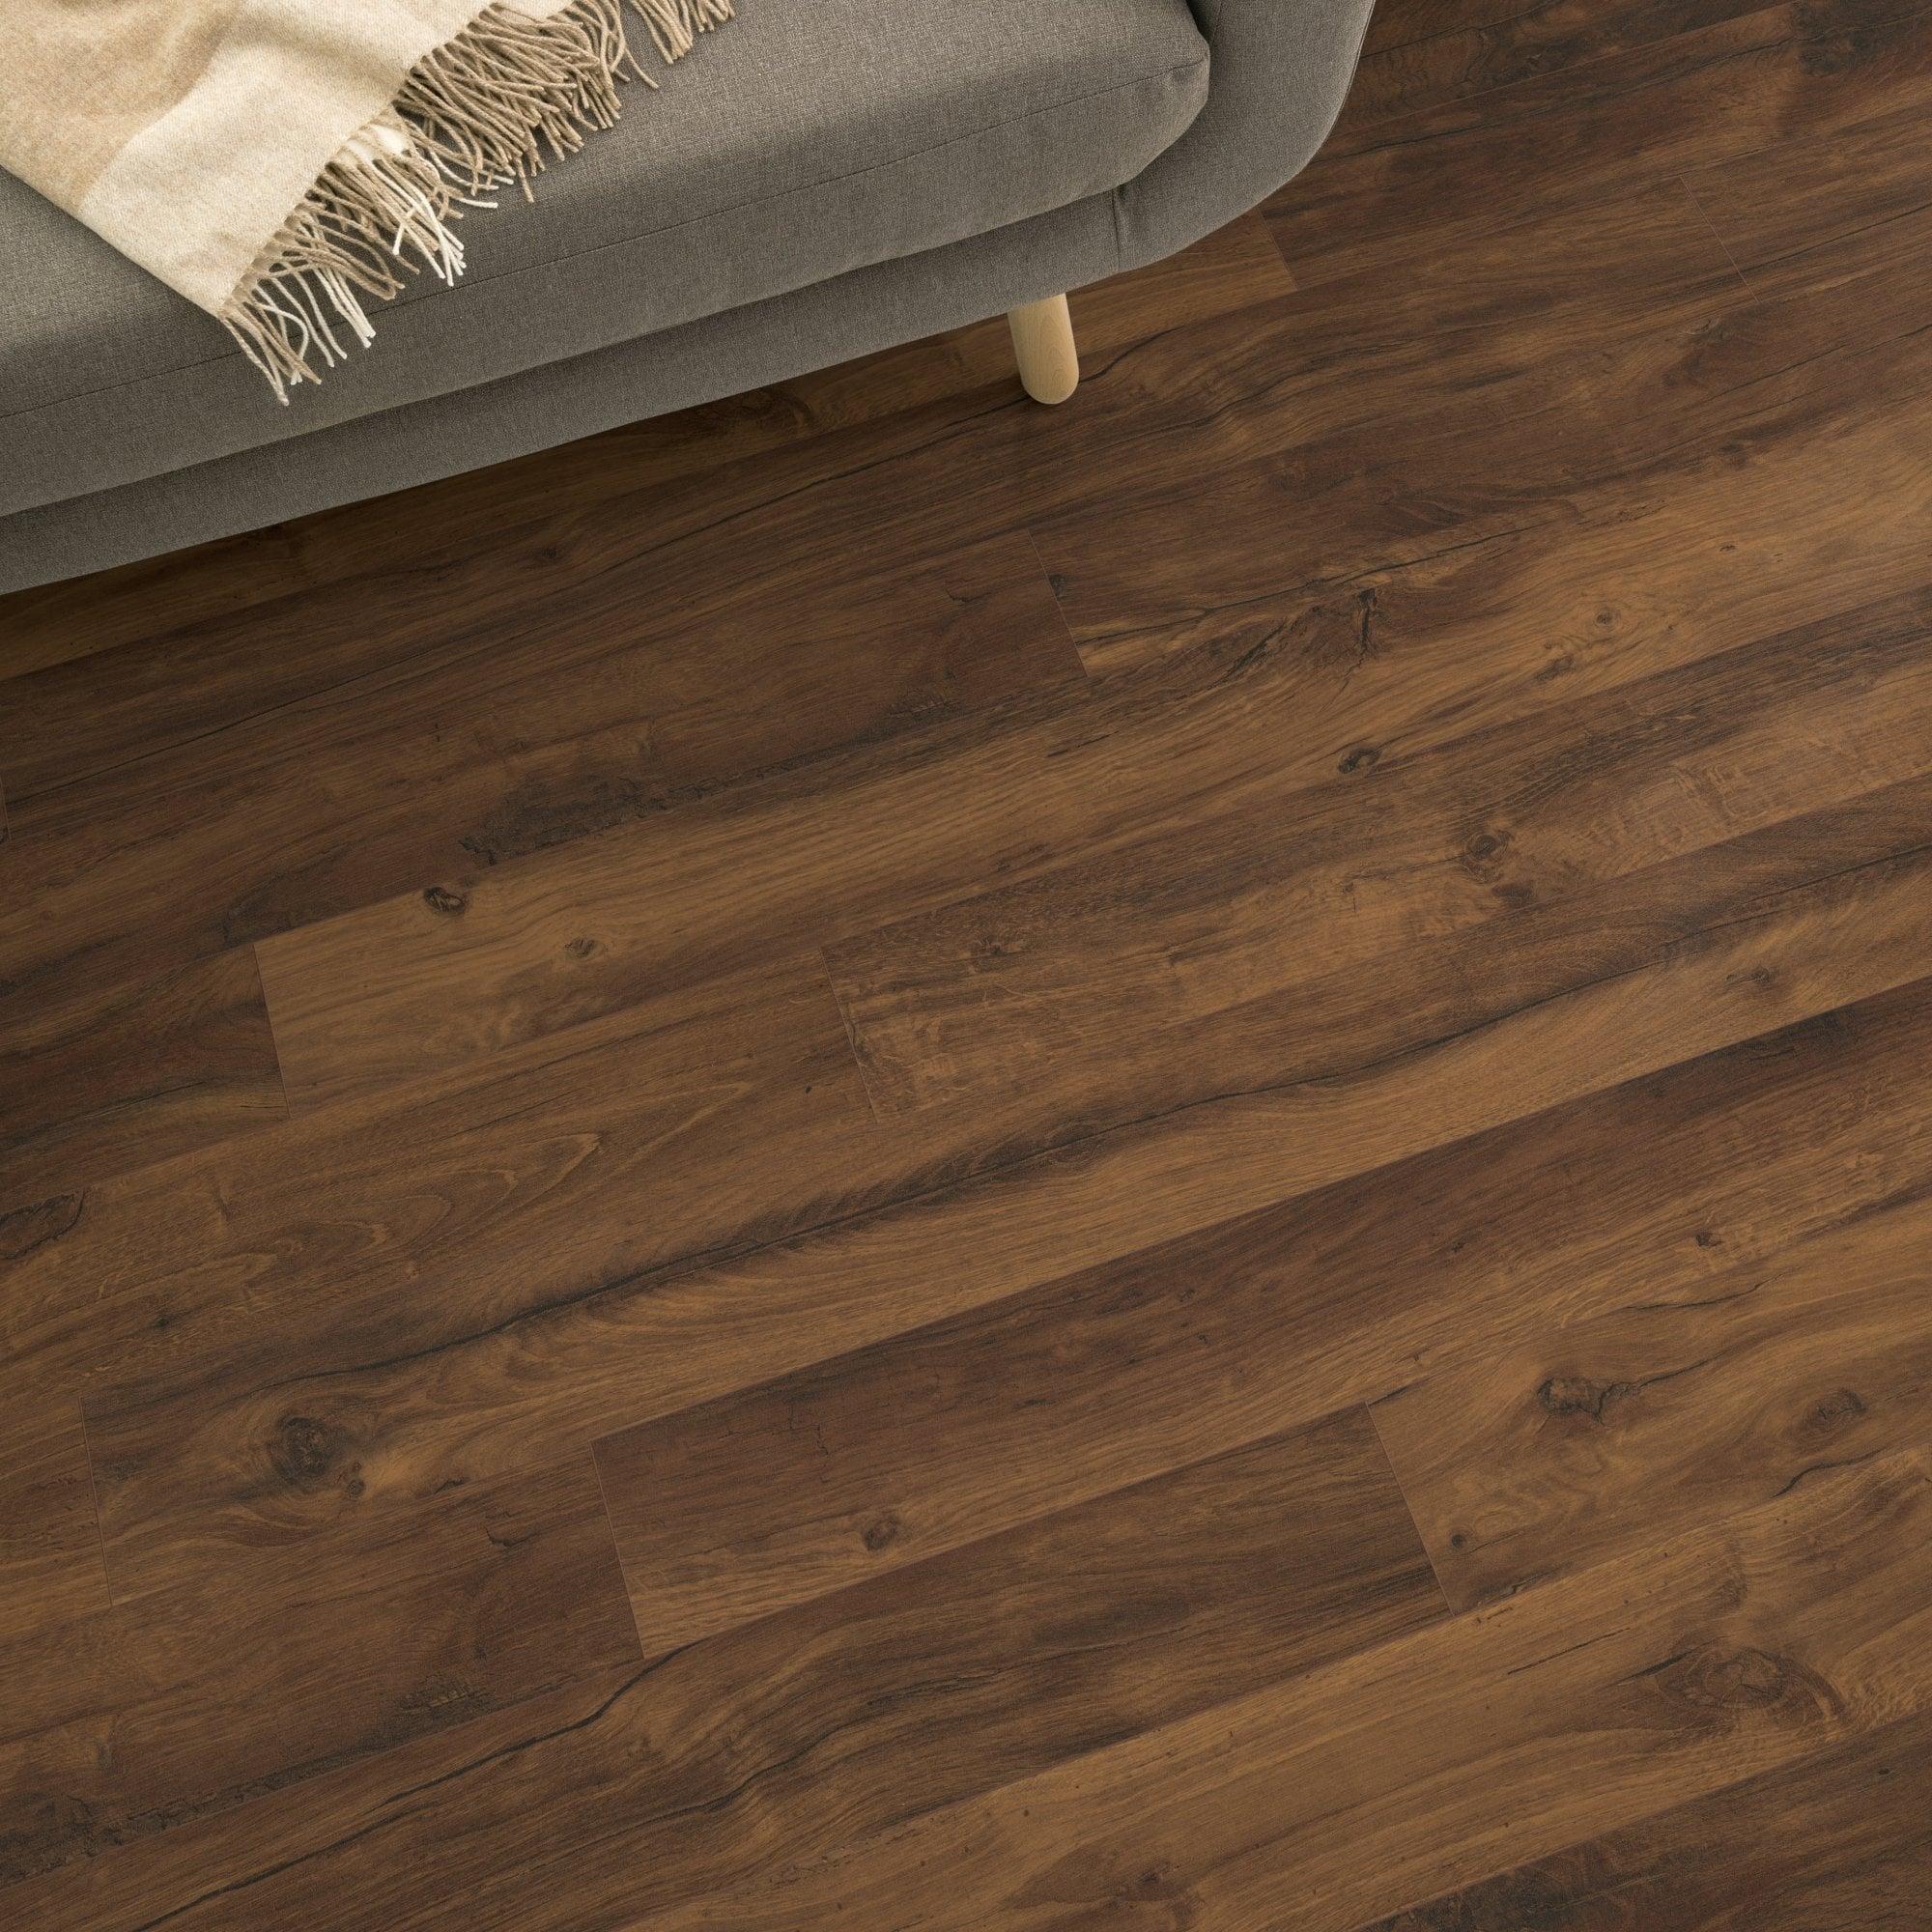 Pecan Oak Laminate Get Your Free Samples, Pecan Laminate Flooring 12mm